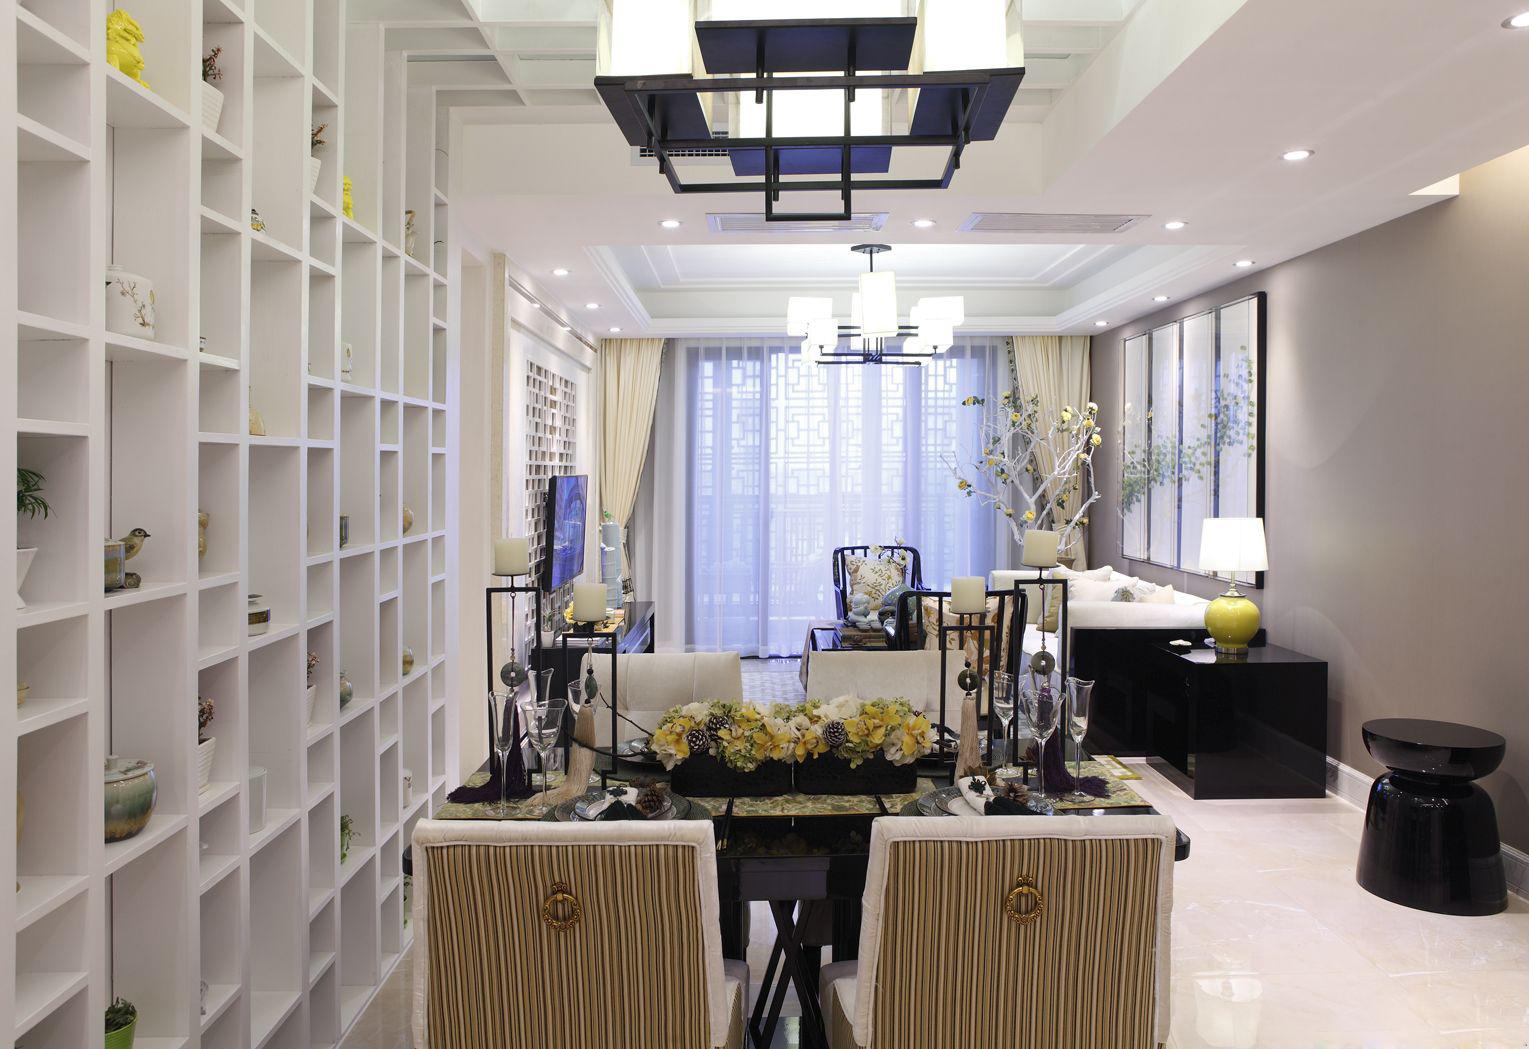 客餐厅设计为一体,空间互动性更强,餐厅一侧设计格子置物架,盆栽、工艺品、书籍等等都可以用来妆点空间。